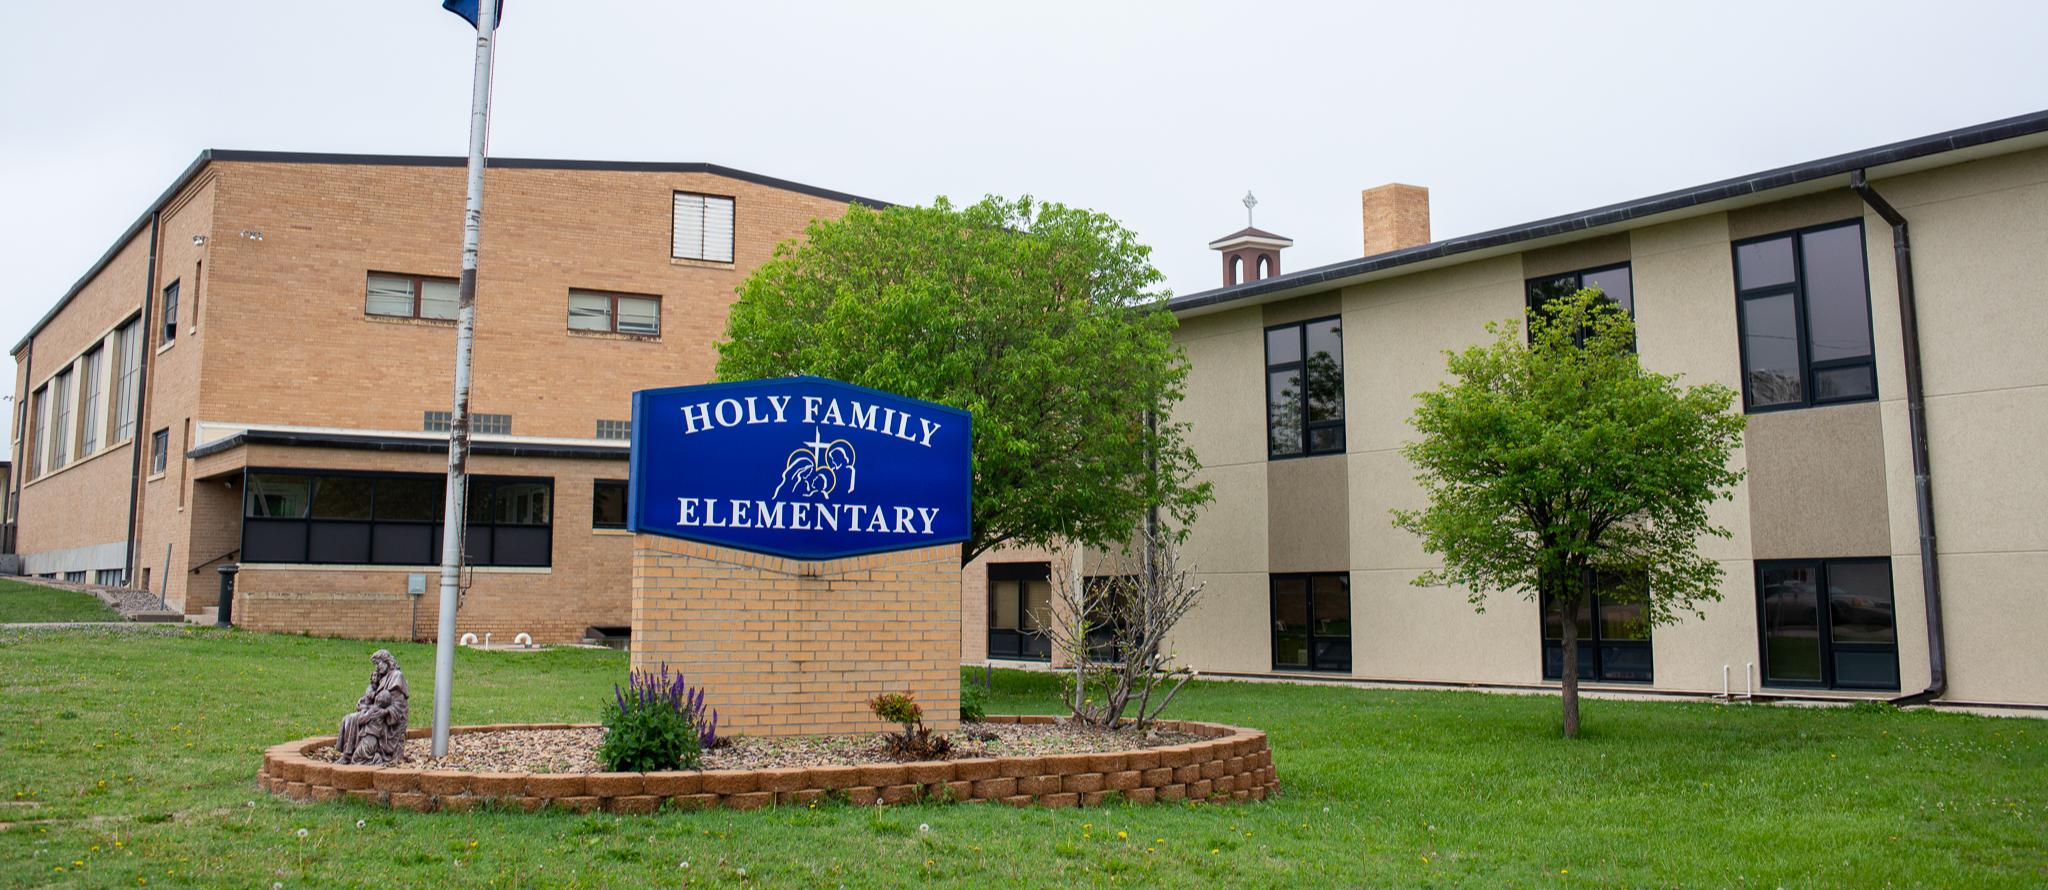 Holy Family Elementary